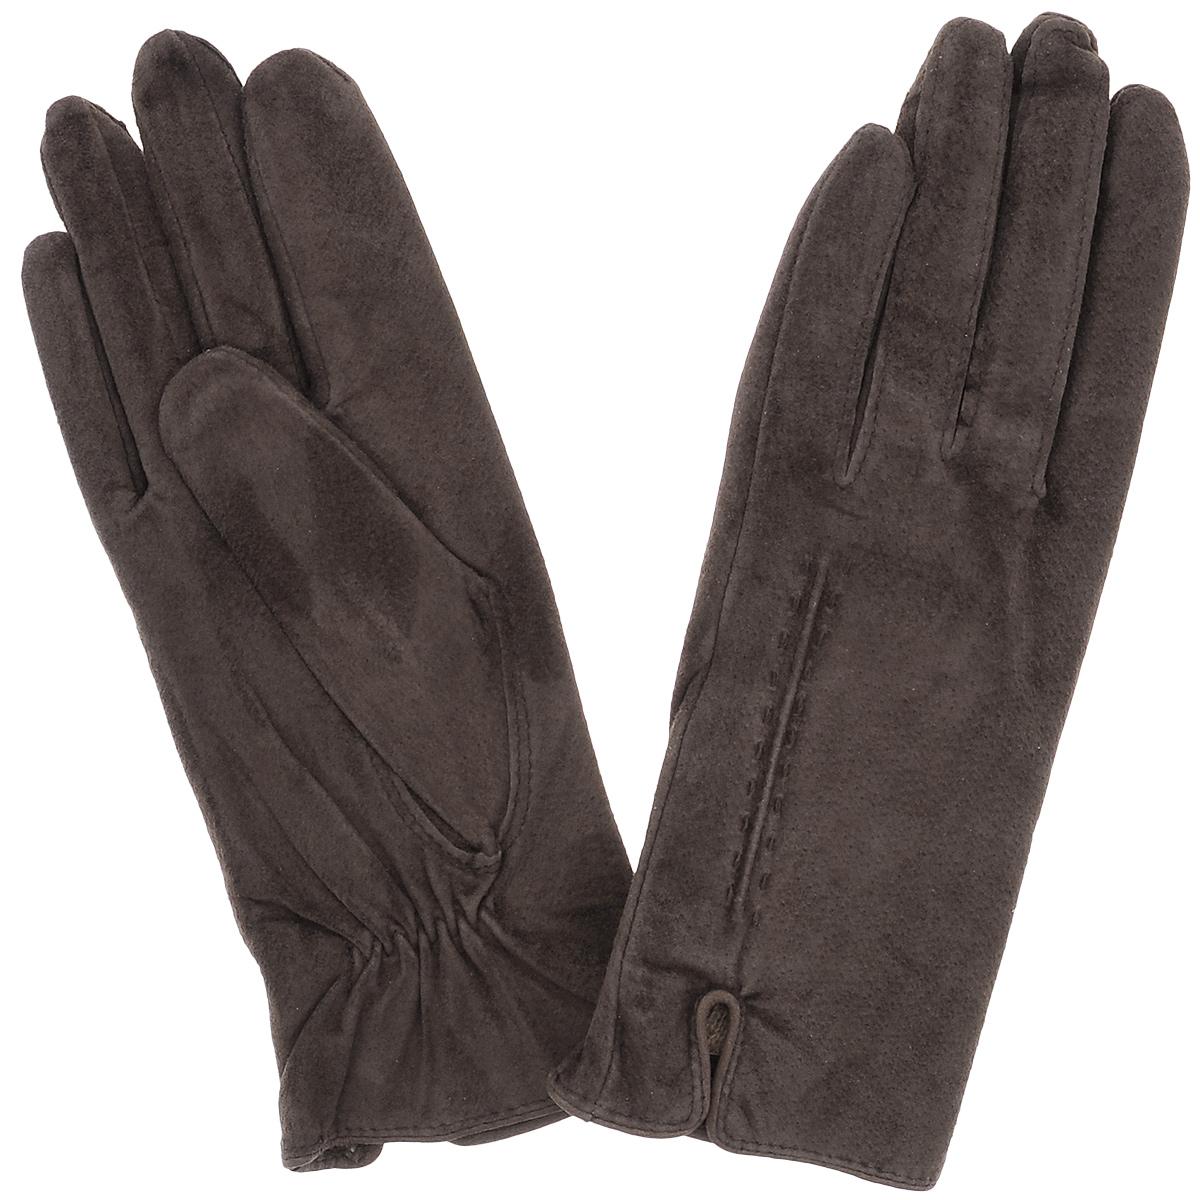 Перчатки женские Dali Exclusive, цвет: коричневый. SP11_ALINA. Размер 7,5SP11_ALINAСтильные перчатки Dali Exclusive с шерстяной подкладкой выполнены из мягкой и приятной на ощупь натуральной замши. Лицевая сторона оформлена декоративными стежками и дополнена небольшими разрезами. Такие перчатки подчеркнут ваш стиль и неповторимость и придадут всему образу нотки женственности и элегантности.